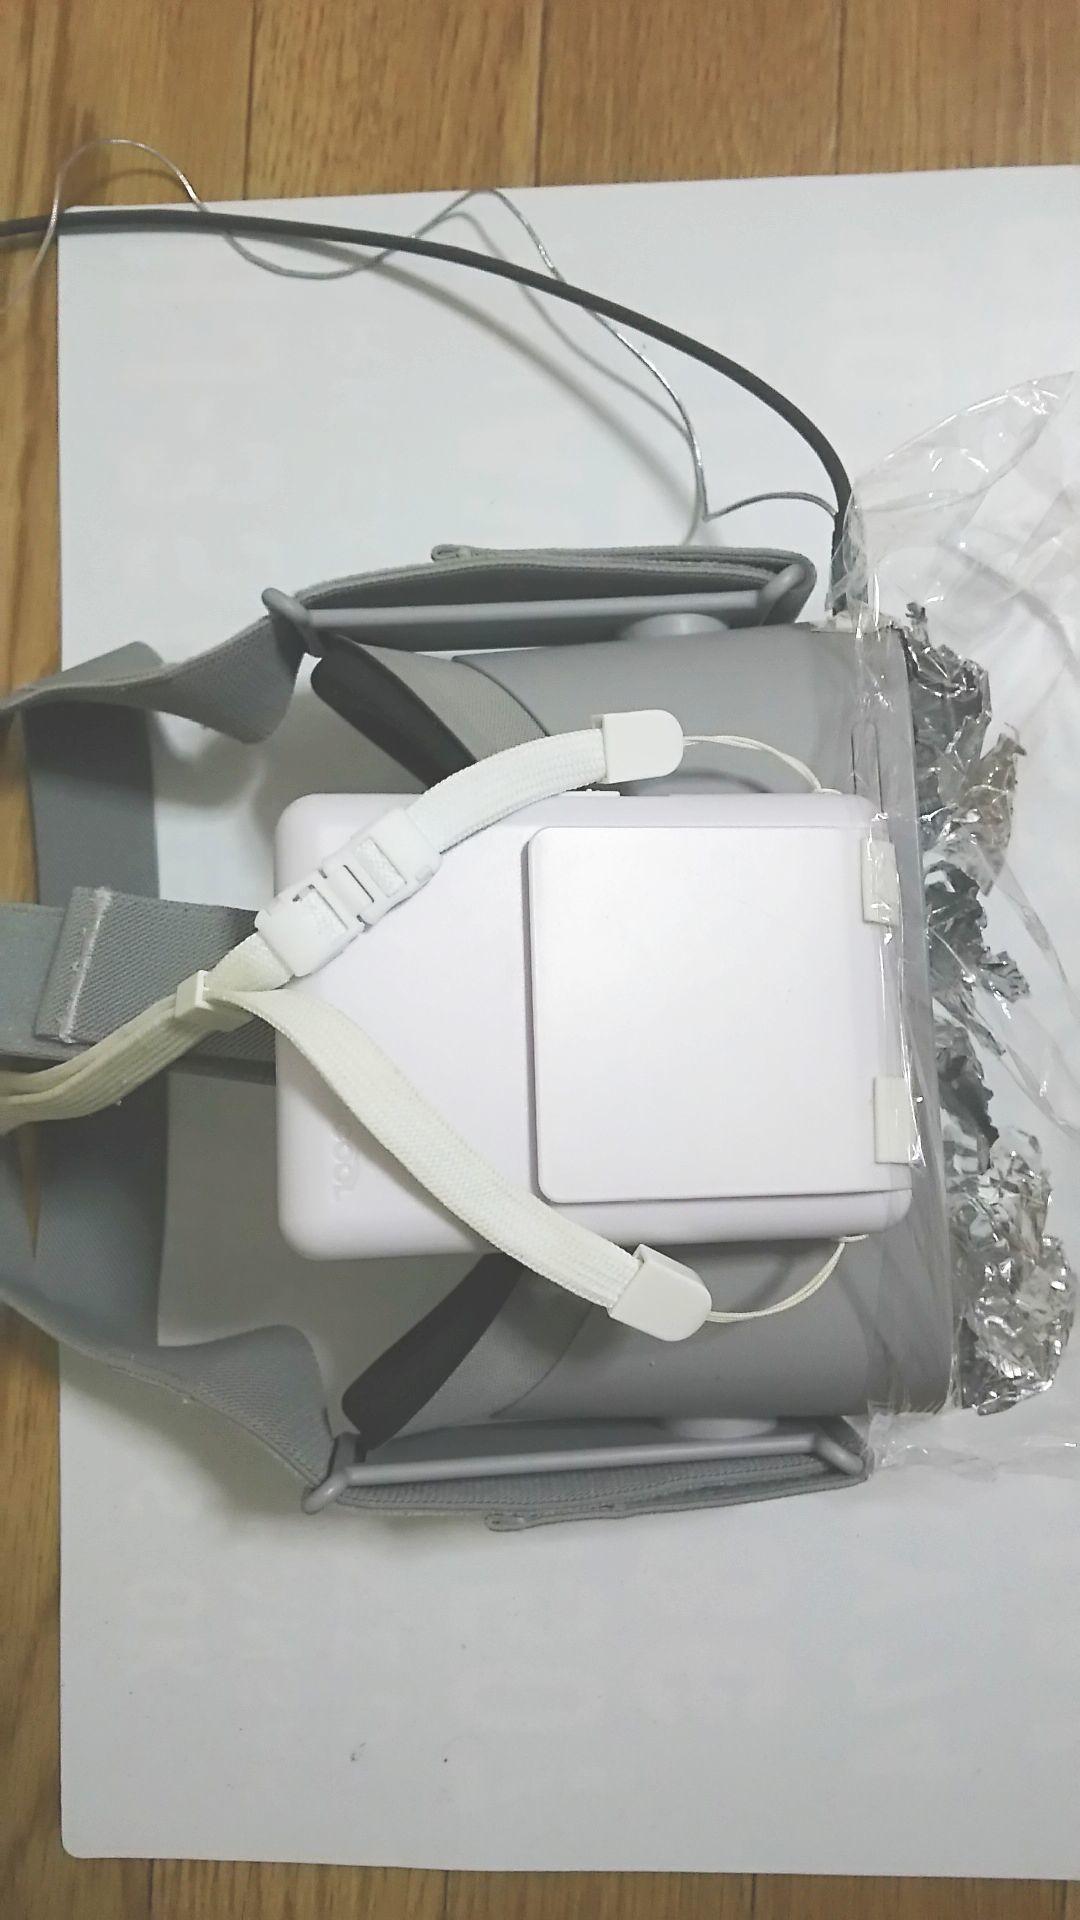 [Oculus Go] ファンによる強制空冷 [シロッコファンとアルミテープとラップ] (1/22)_a0034780_09350132.jpg